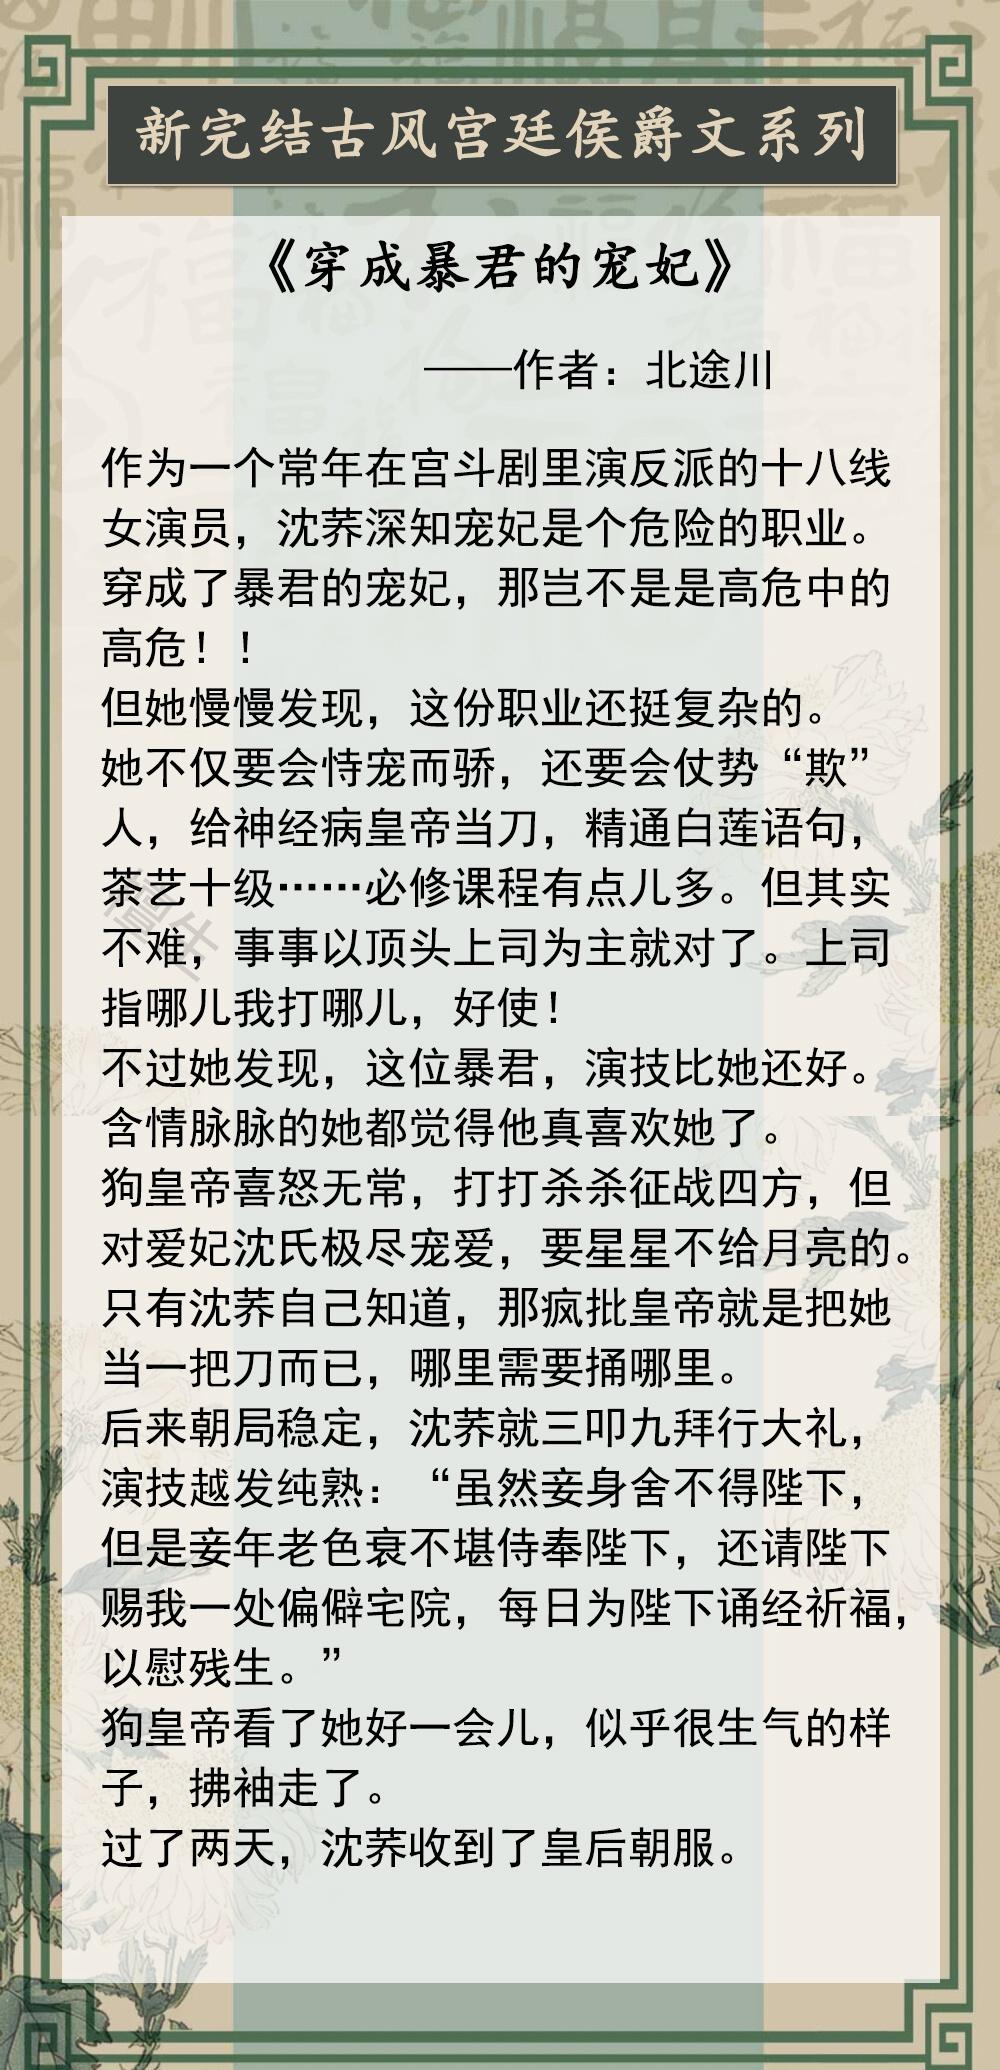 宫廷侯爵系列文推荐:病娇蛇精病男主VS又娇又媚女主,高甜高撩